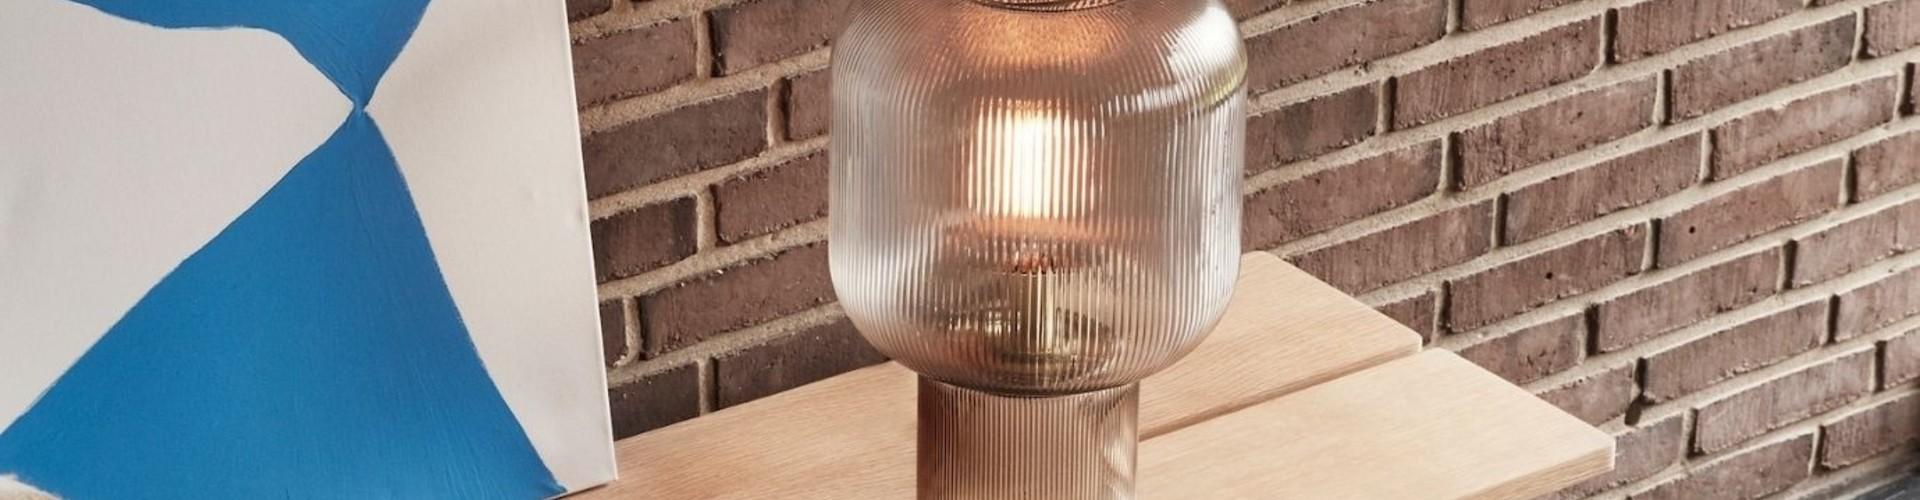 Hübsch tafellamp - Scandinavisch design